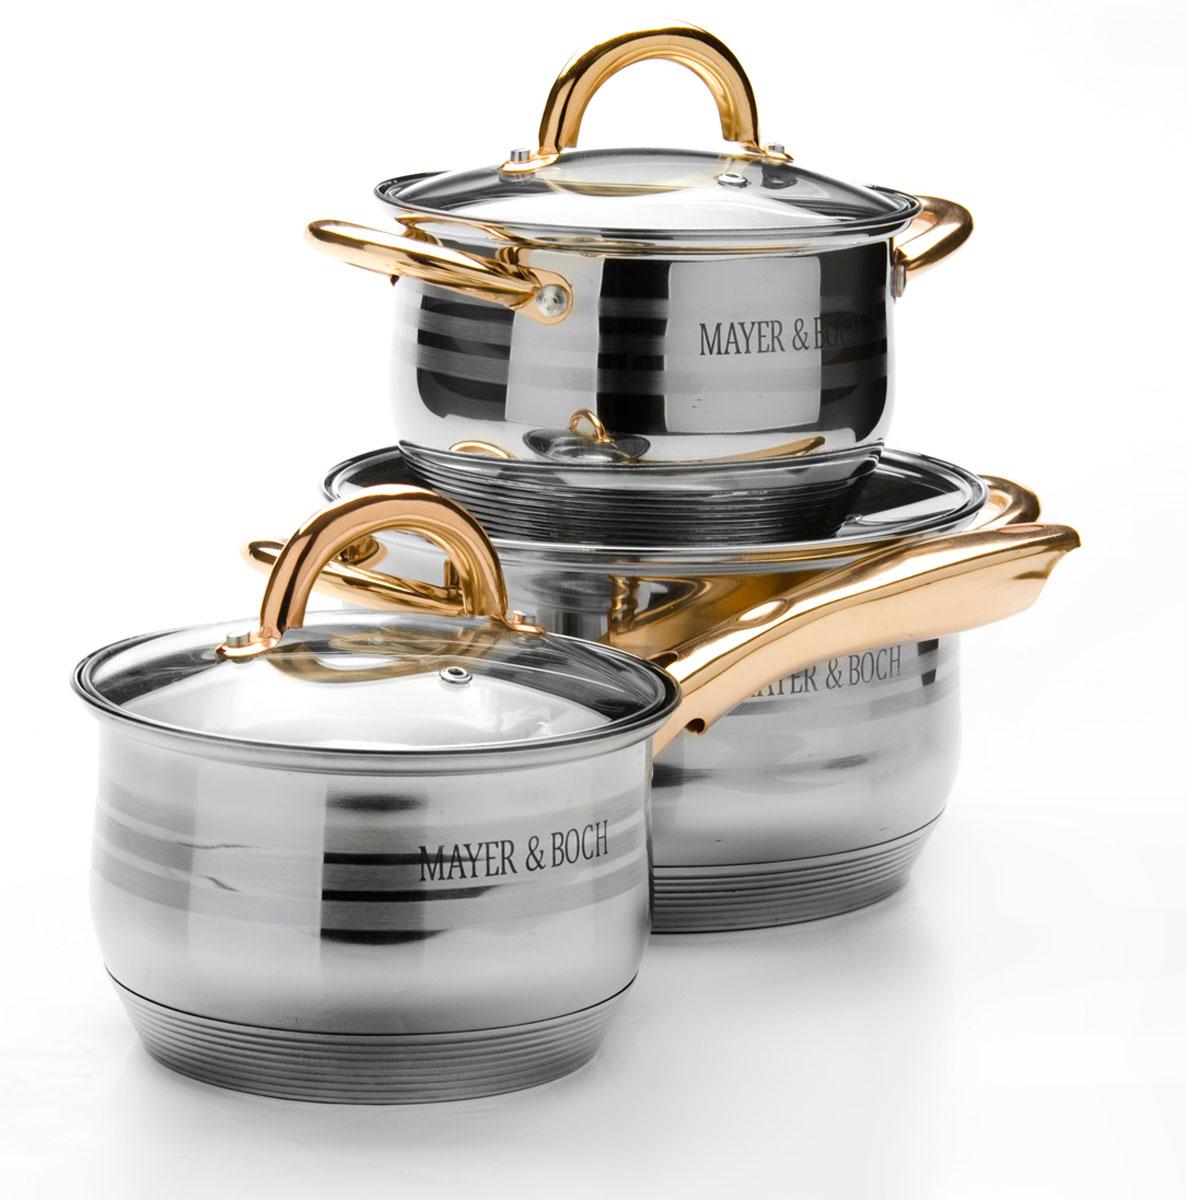 Набор посуды Mayer & Boch, 6 предметов. 25669256692,1+2,1+3,9л